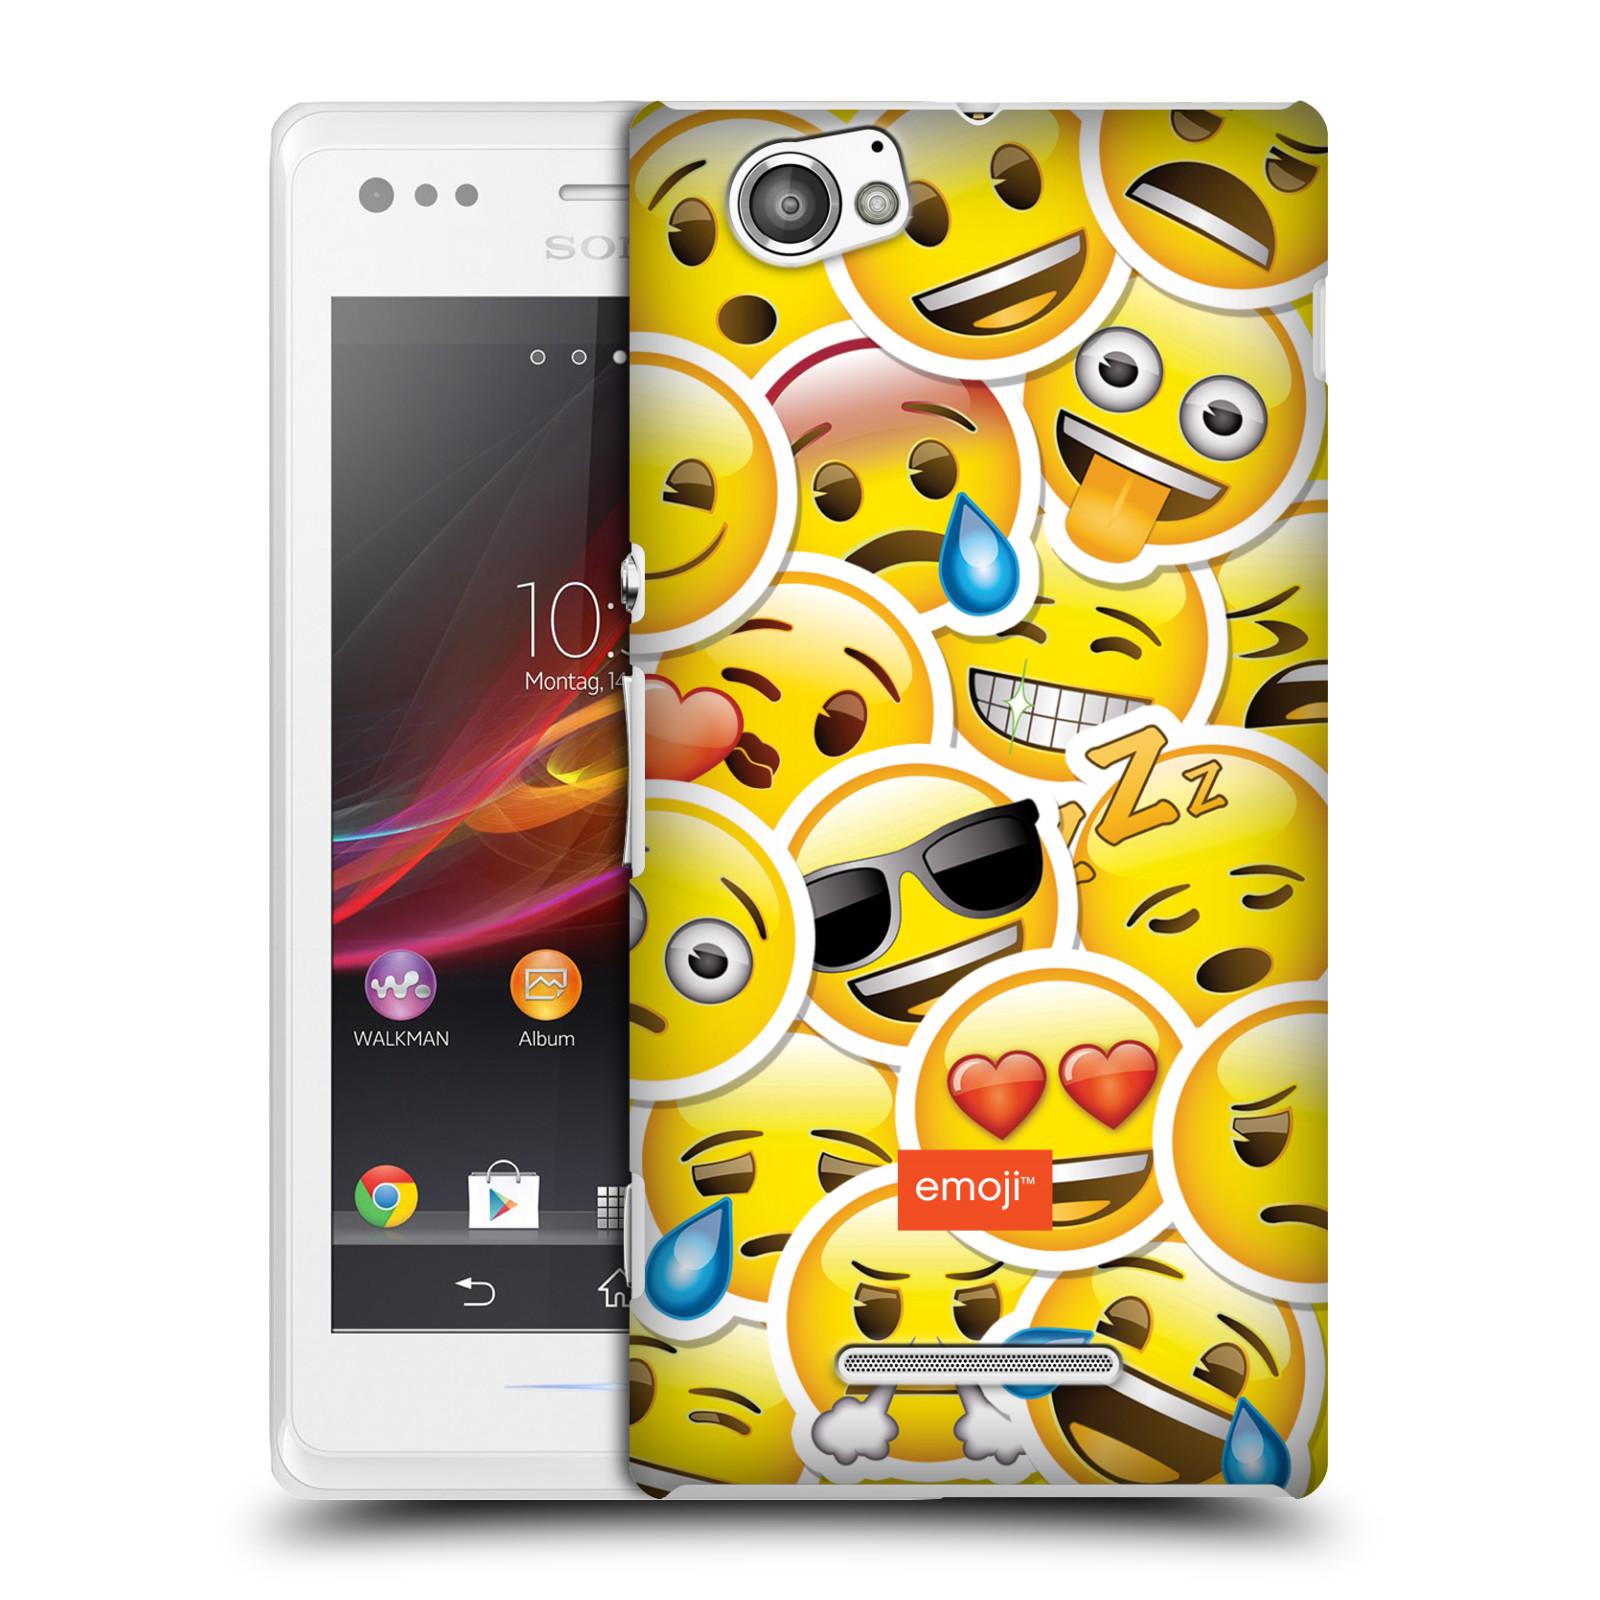 Plastové pouzdro na mobil Sony Xperia M C1905 HEAD CASE EMOJI - Velcí smajlíci ZZ (Kryt či obal s oficiálním motivem EMOJI na mobilní telefon Sony Xperia M )